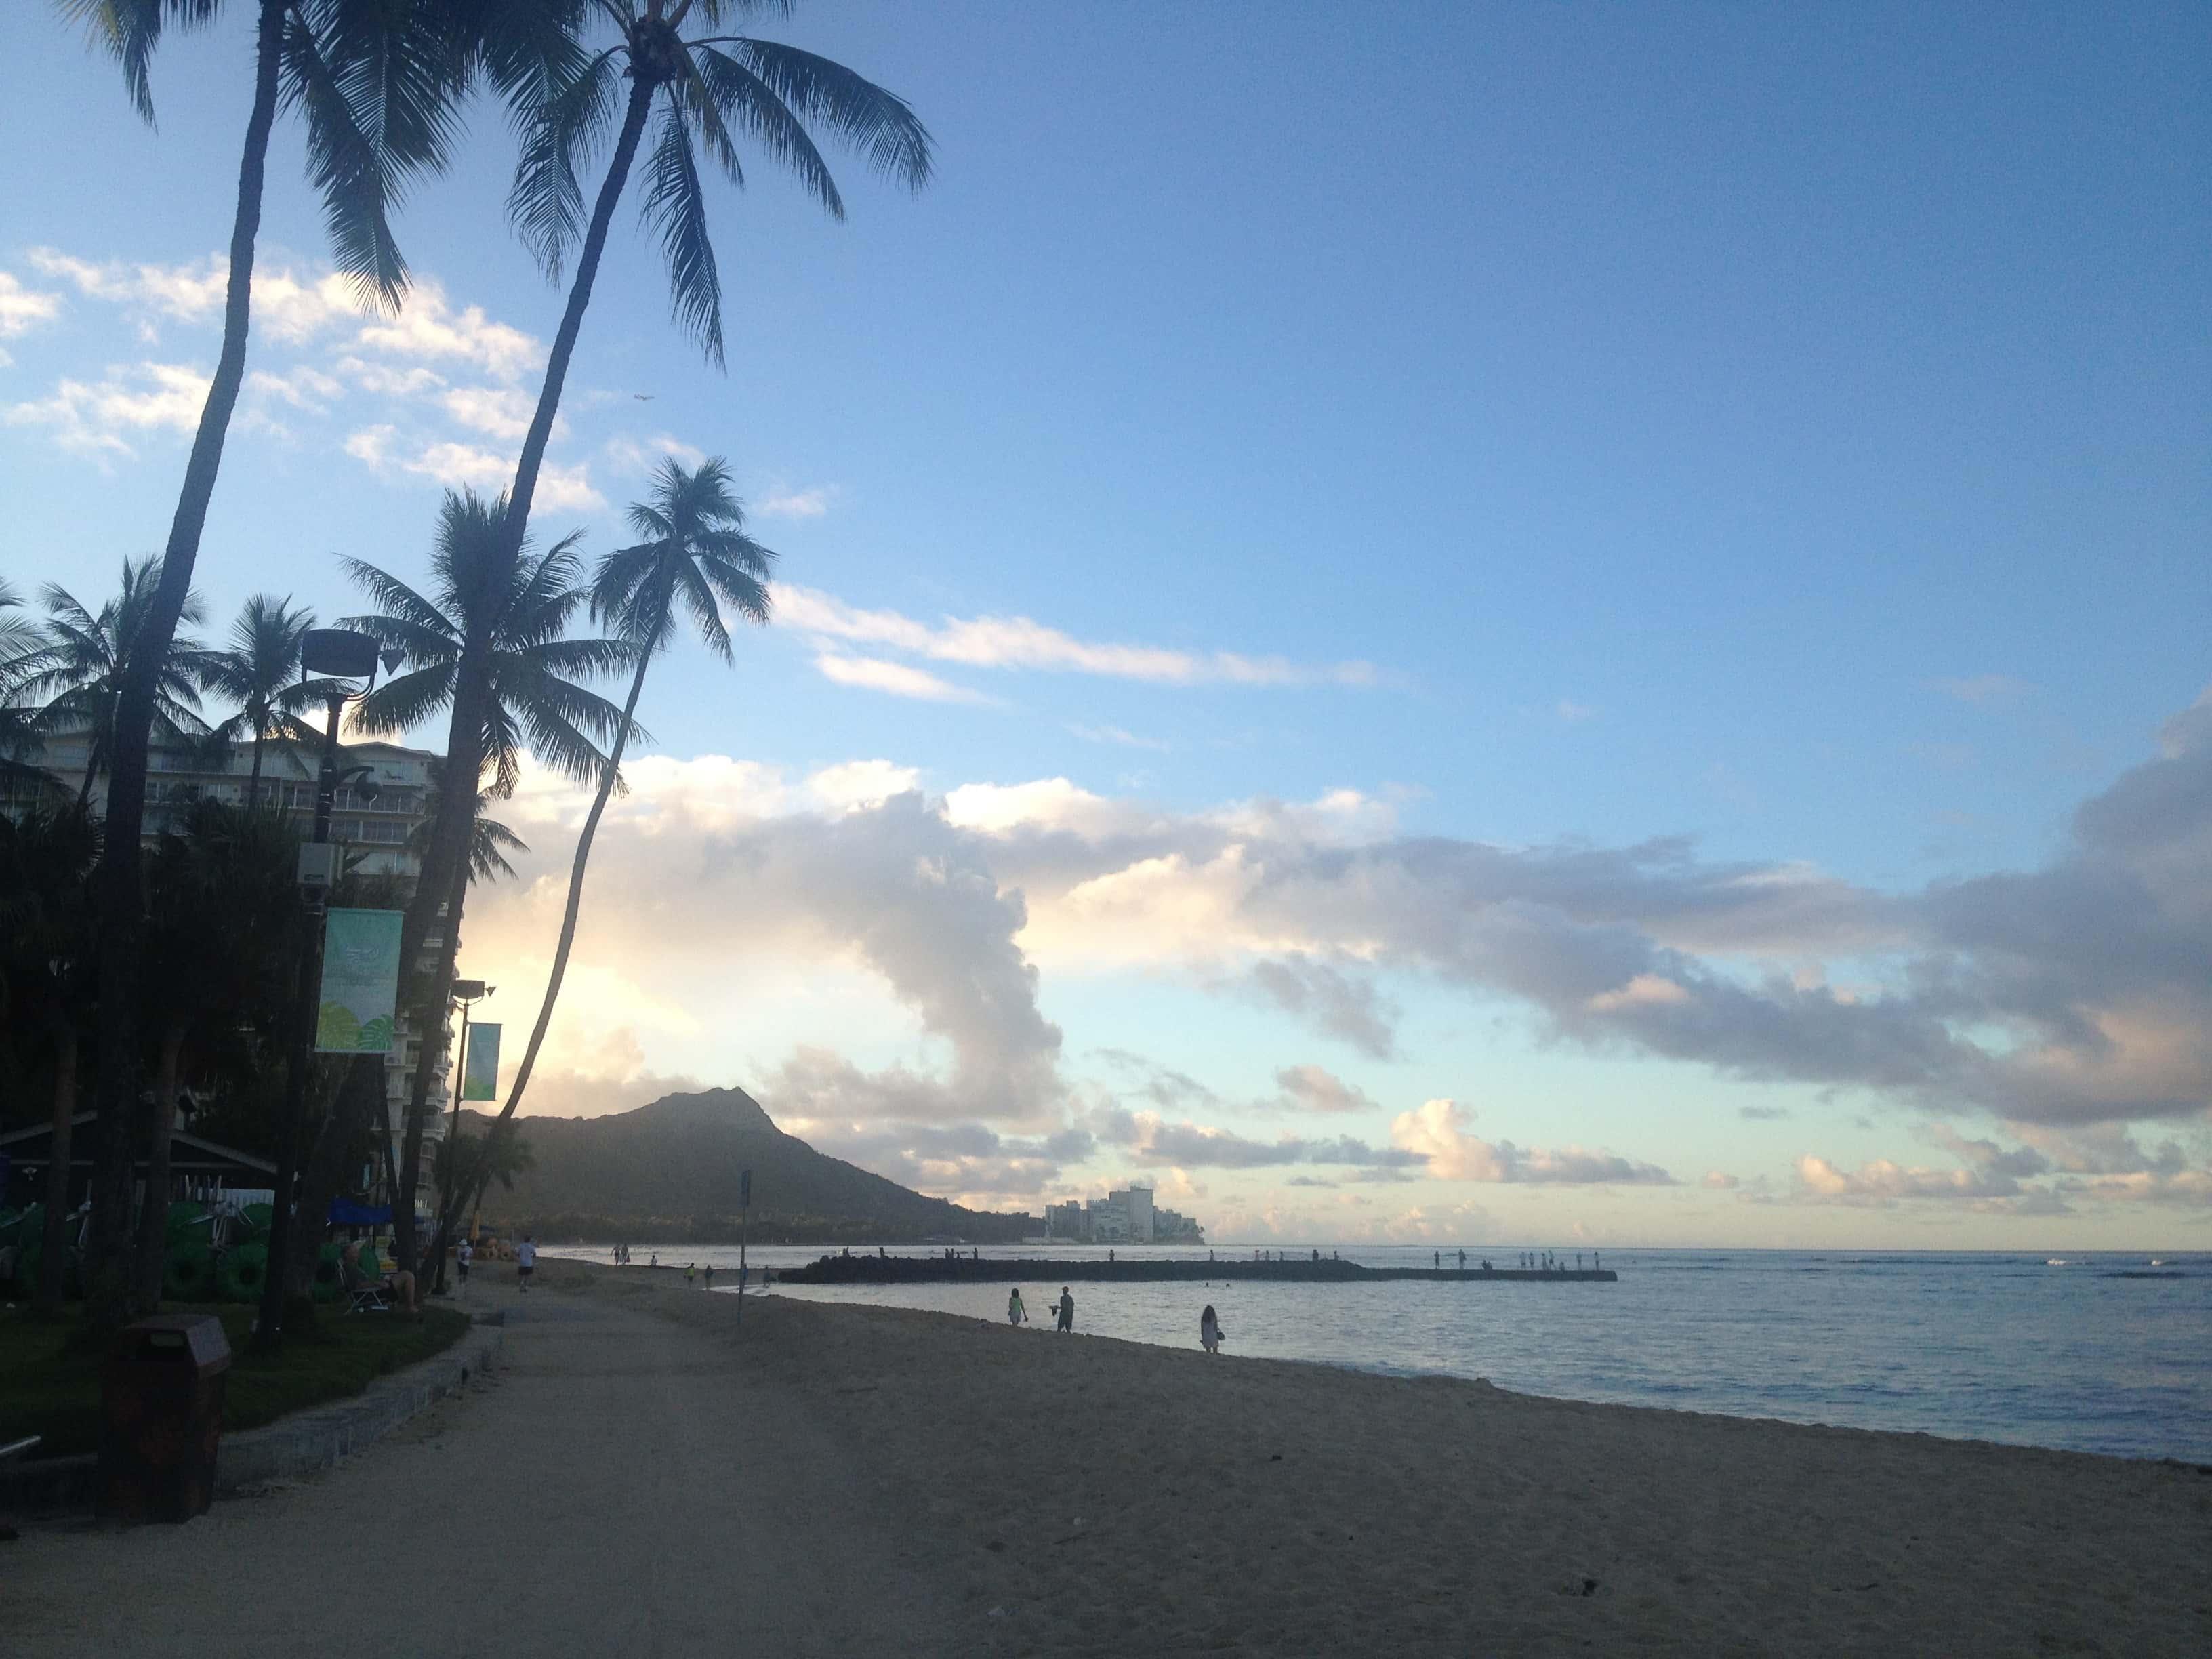 女性でも安心!ハワイで快適にランニングできるおすすめのコースと時間帯